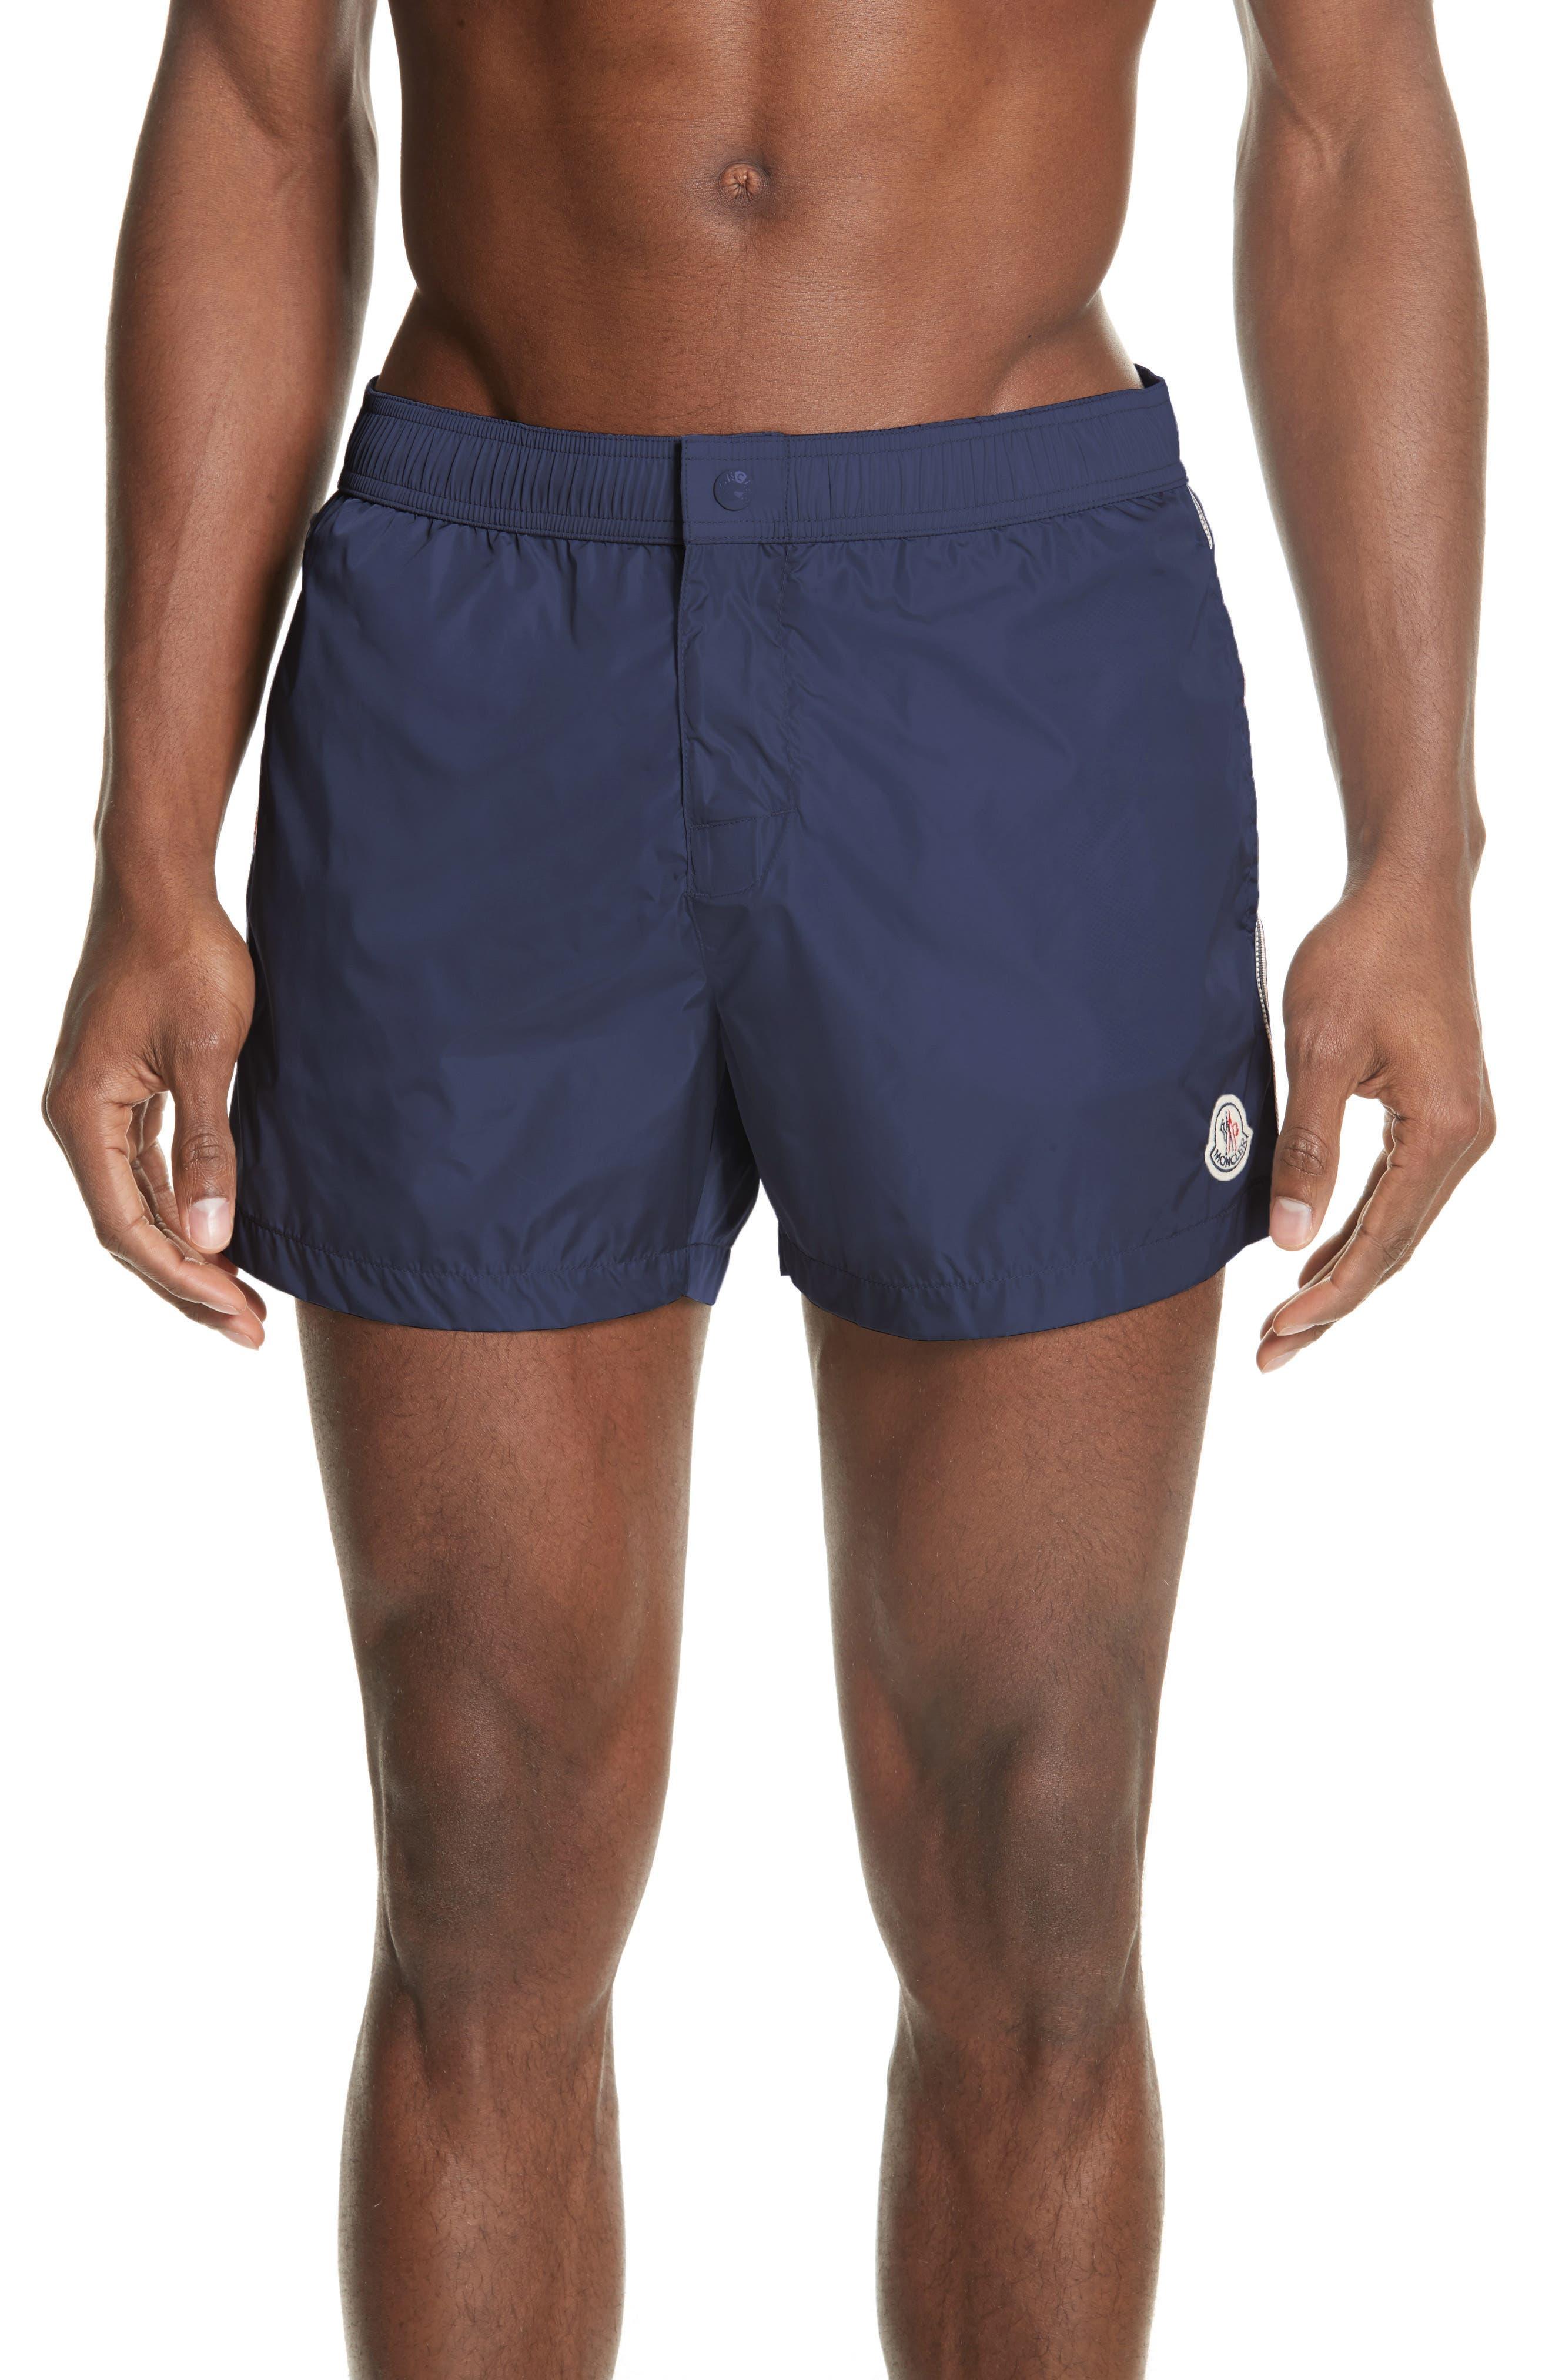 MONCLER, Boxer Mare Swim Shorts, Main thumbnail 1, color, BLUE